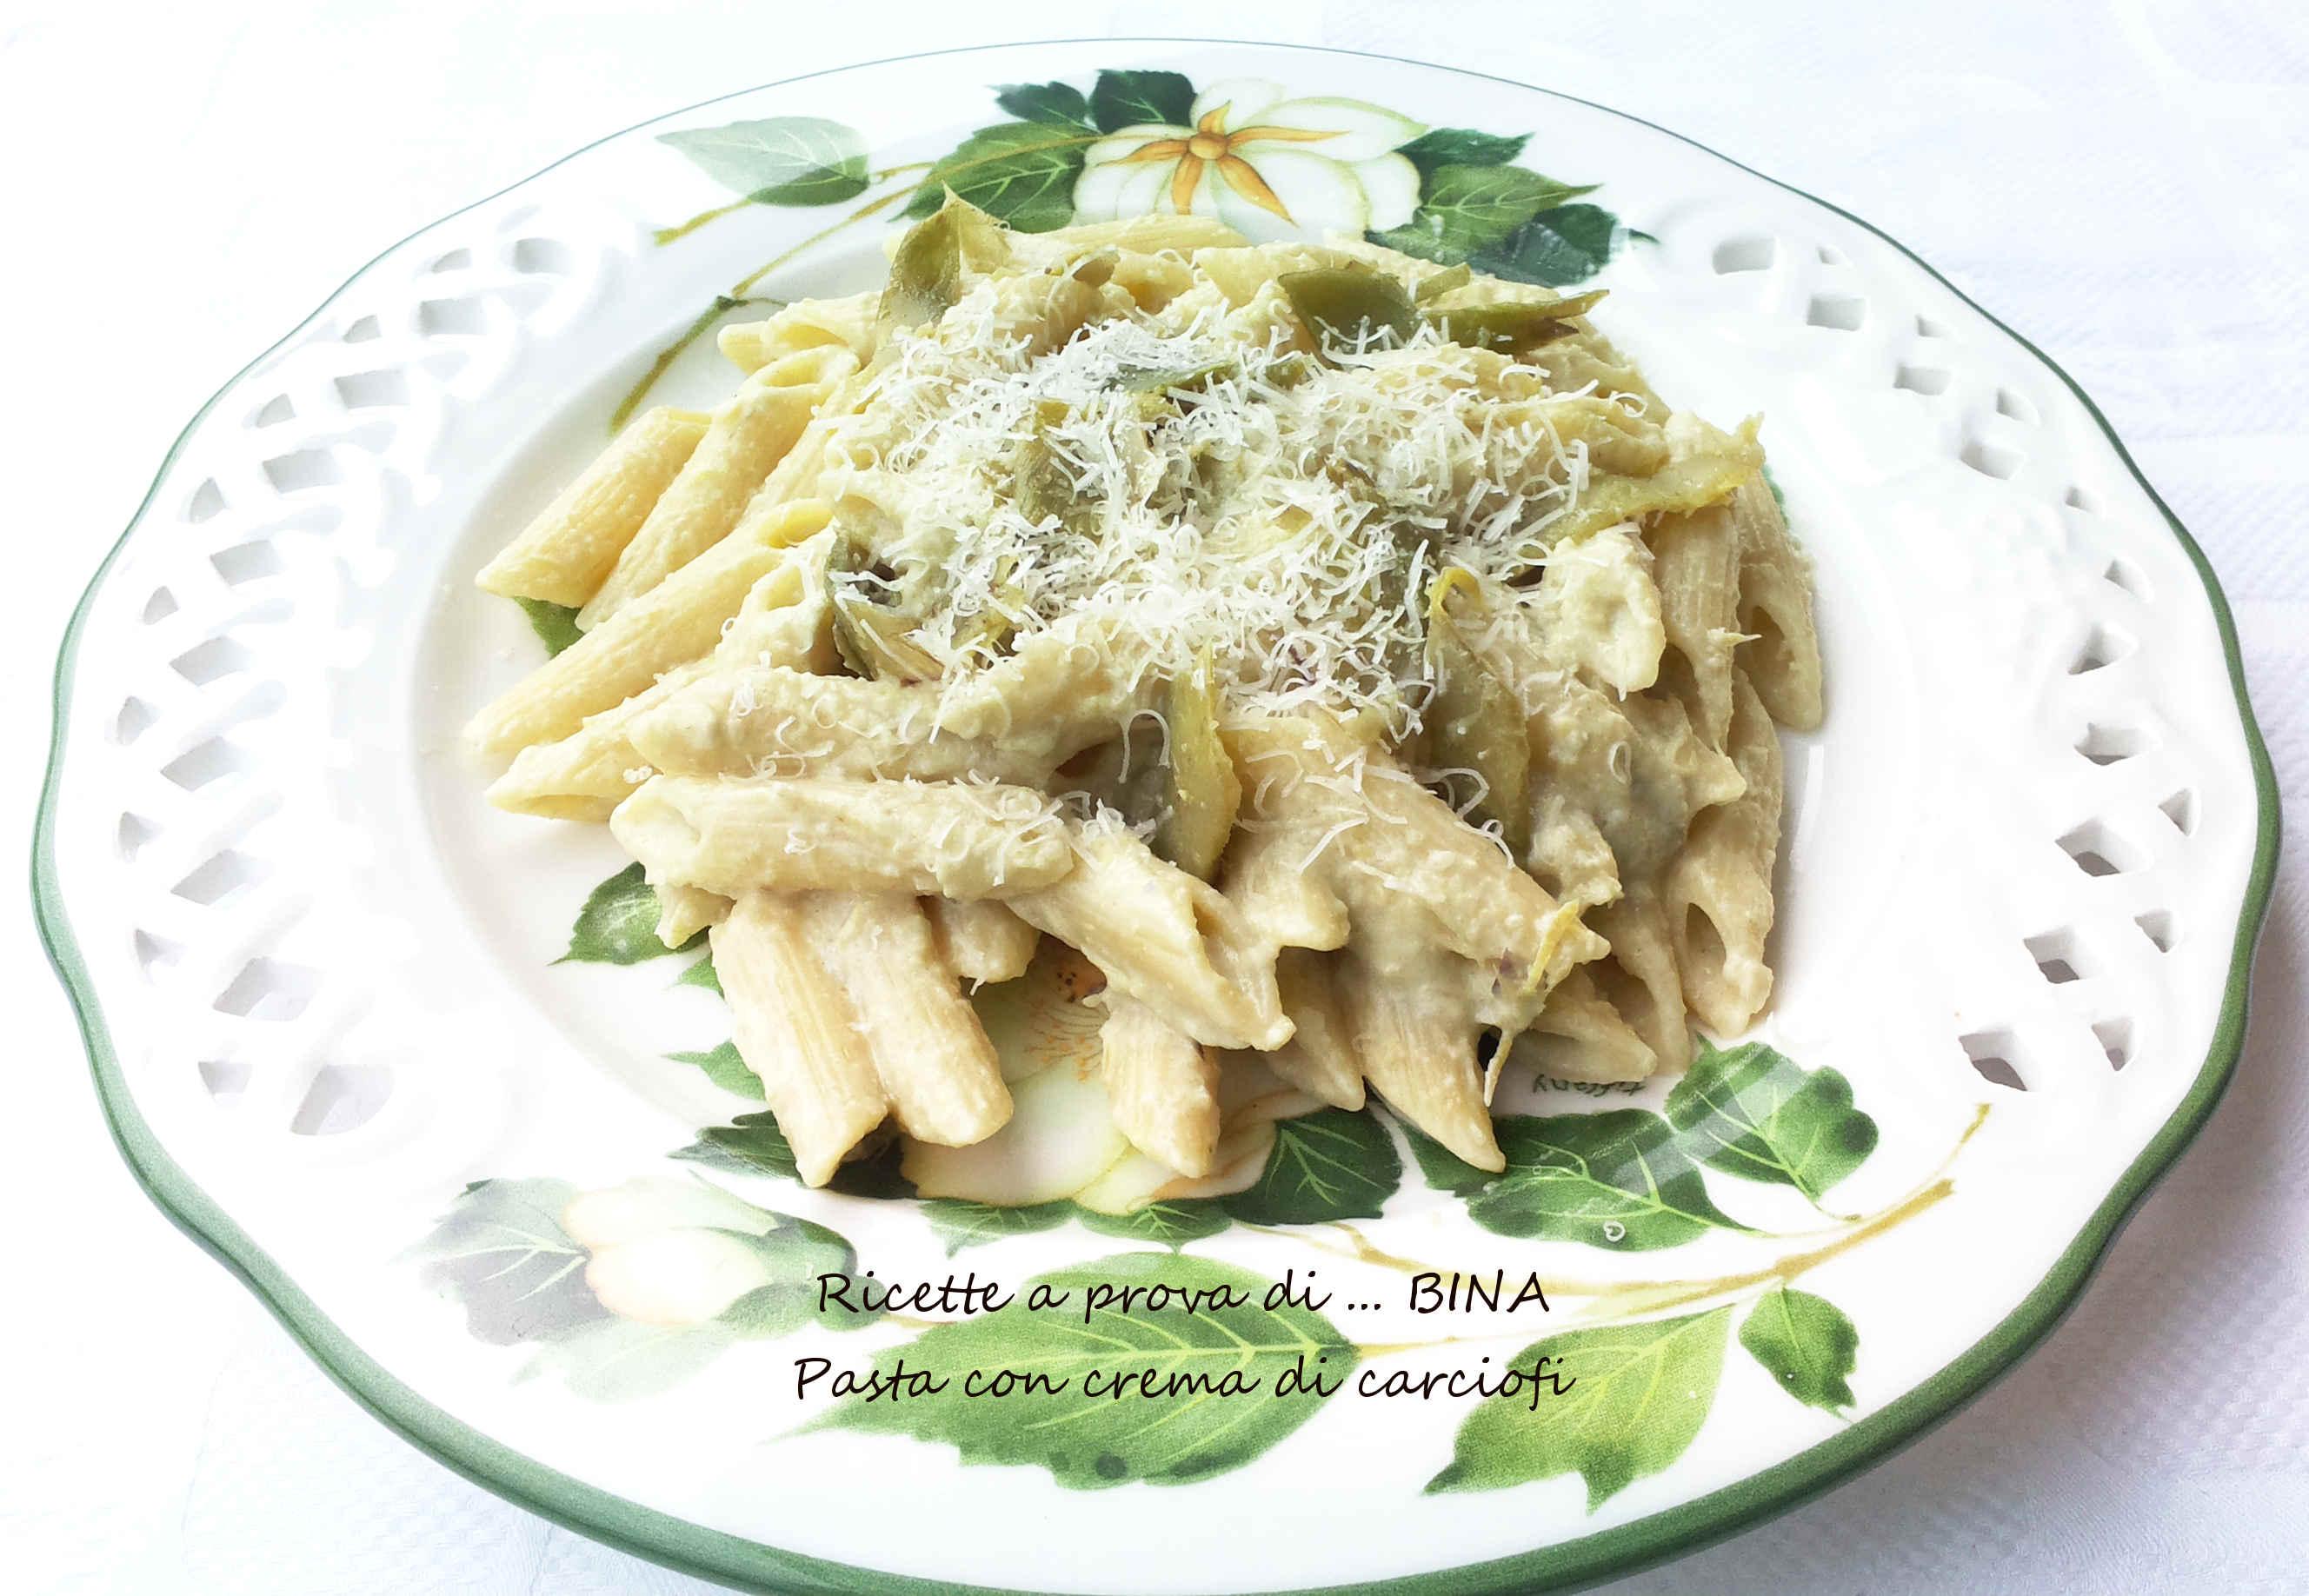 Pasta con crema di carciofi - ricetta primo piatto gustoso